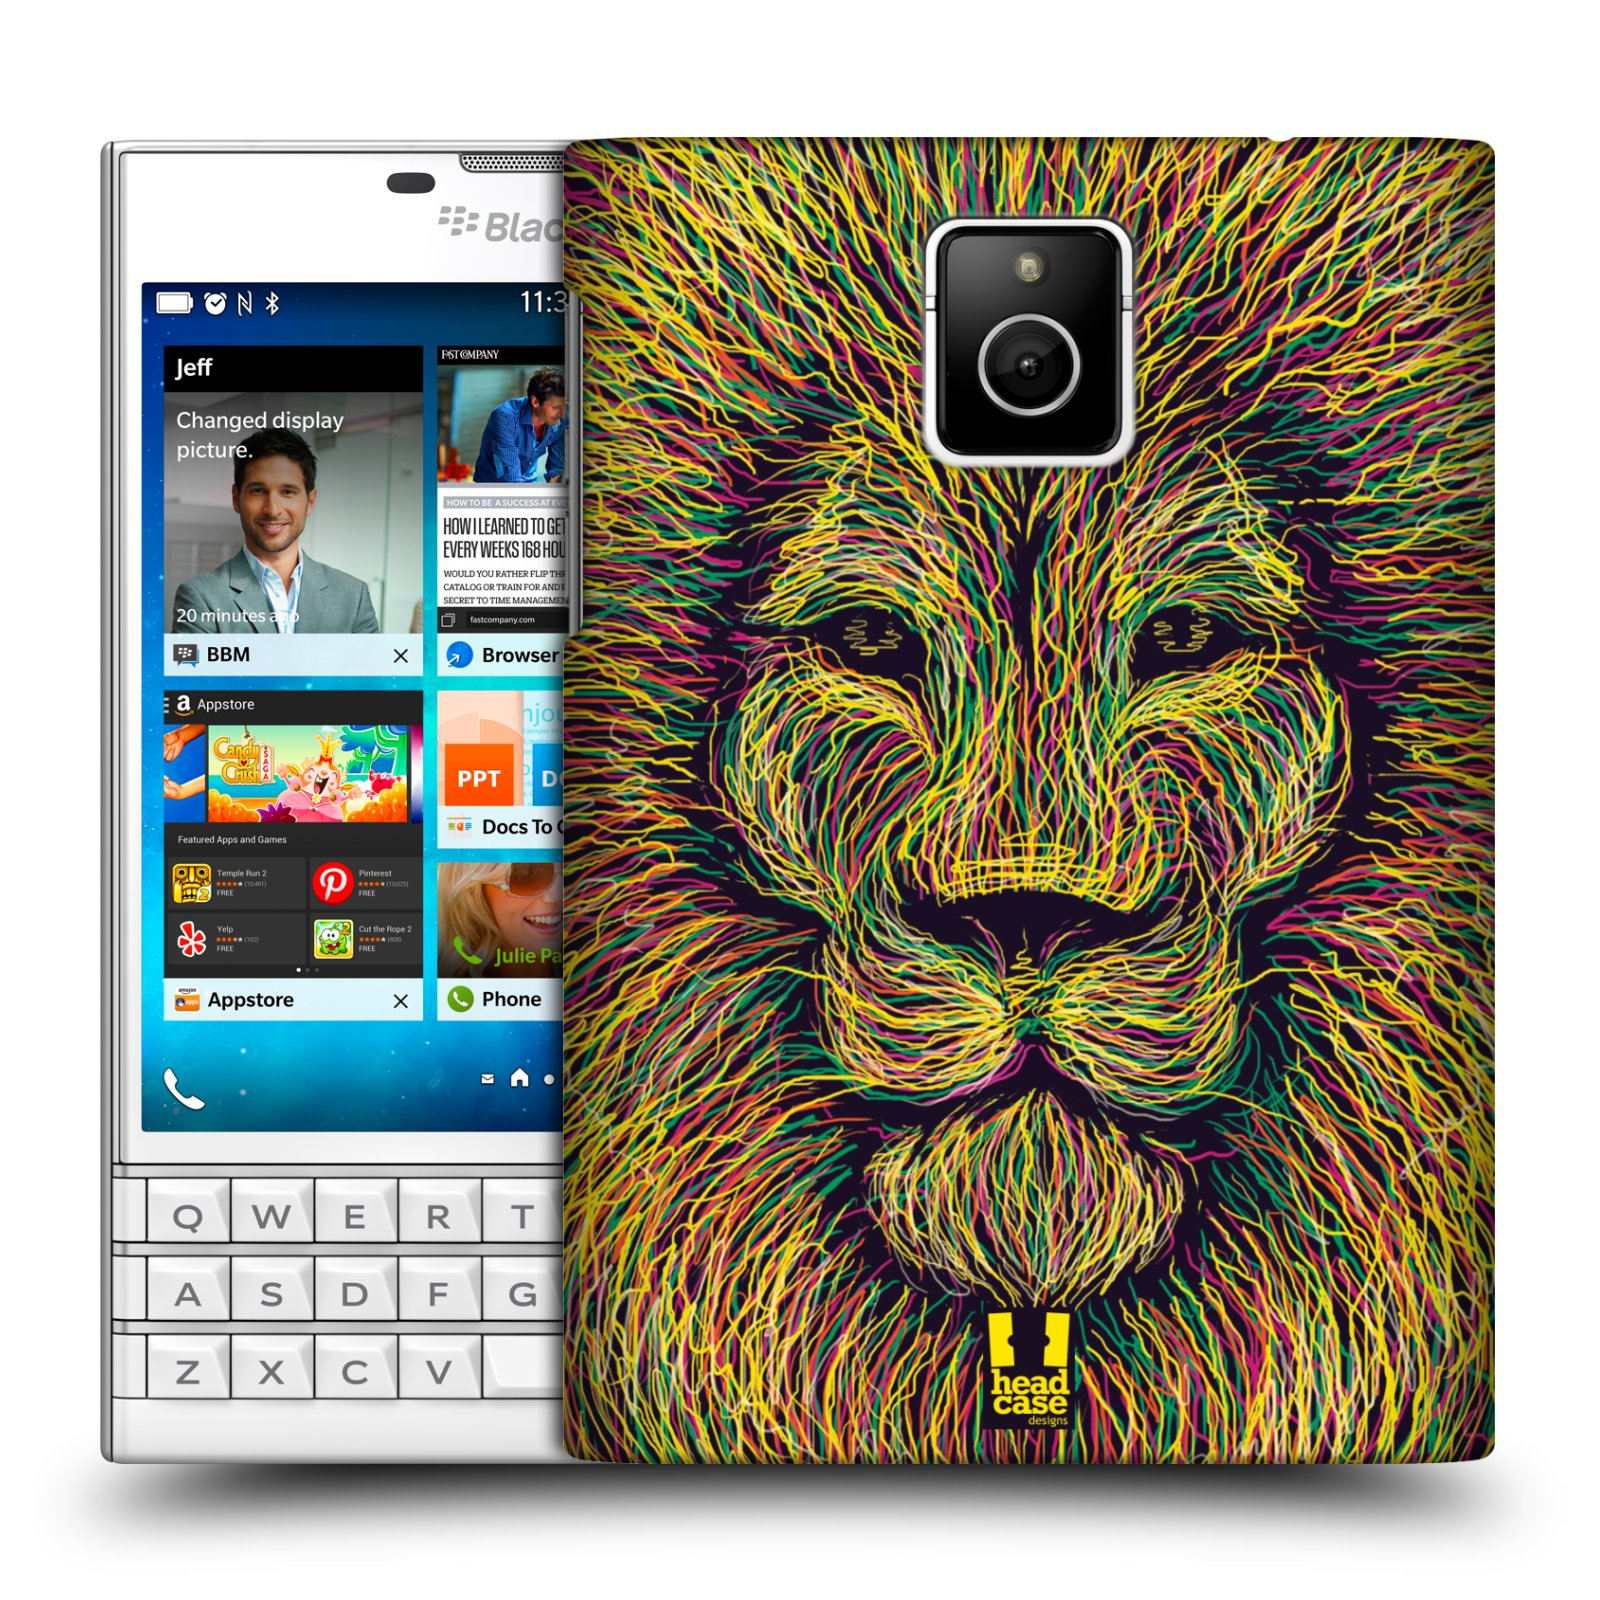 HEAD CASE plastový obal na mobil BlackBerry Passport vzor zvíře čmáranice lev